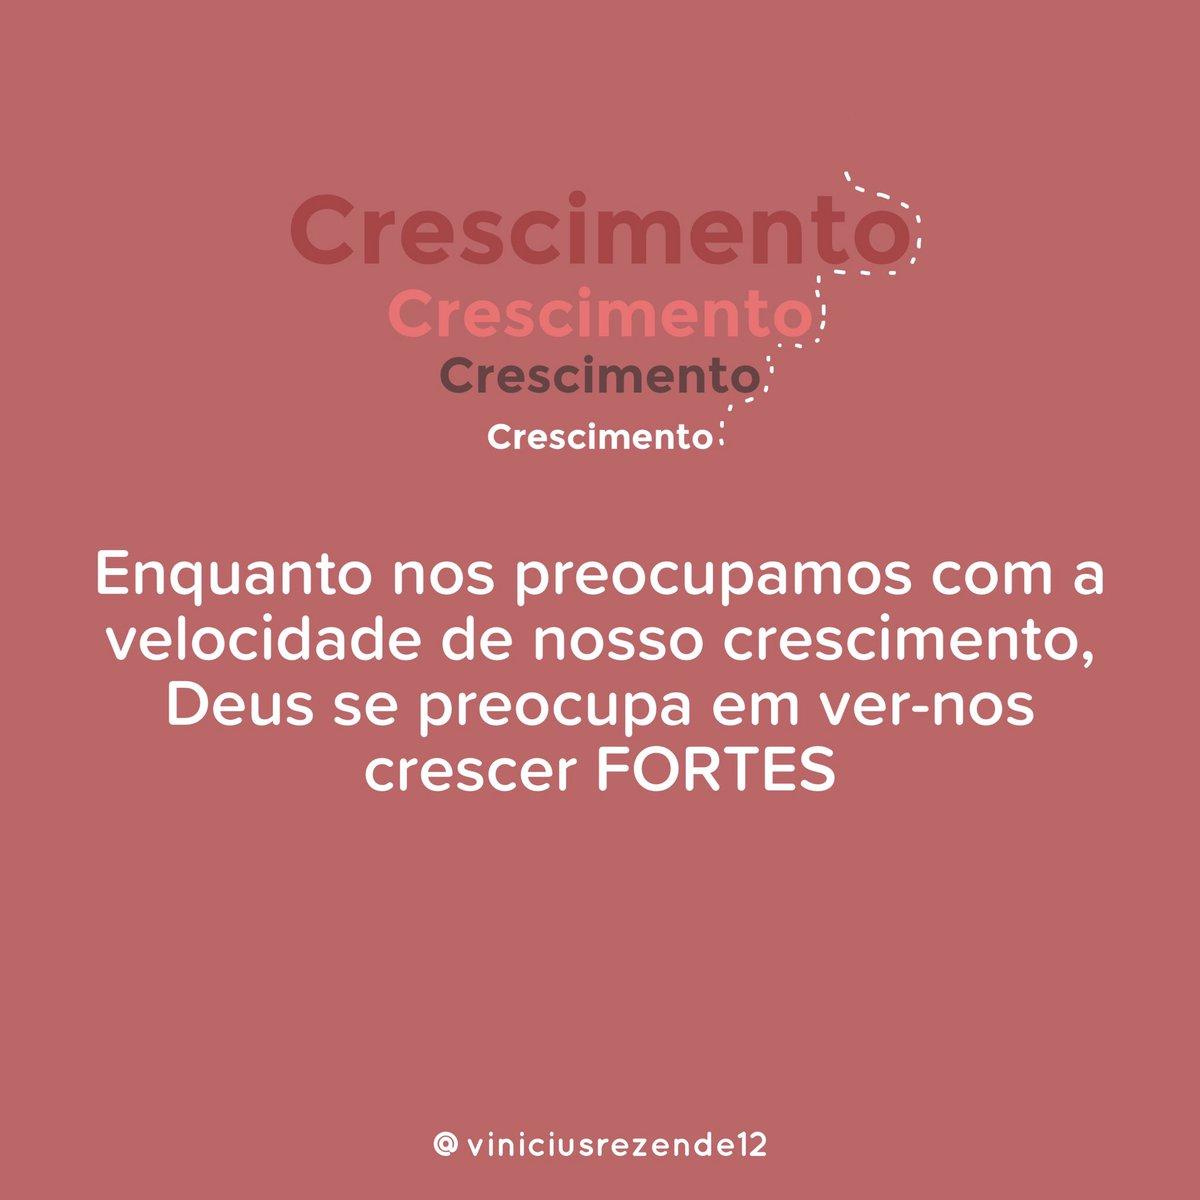 Sobre crescimento PESSOAL! #frases #amor #forca #vida #amigospic.twitter.com/EC2NWDmzcI